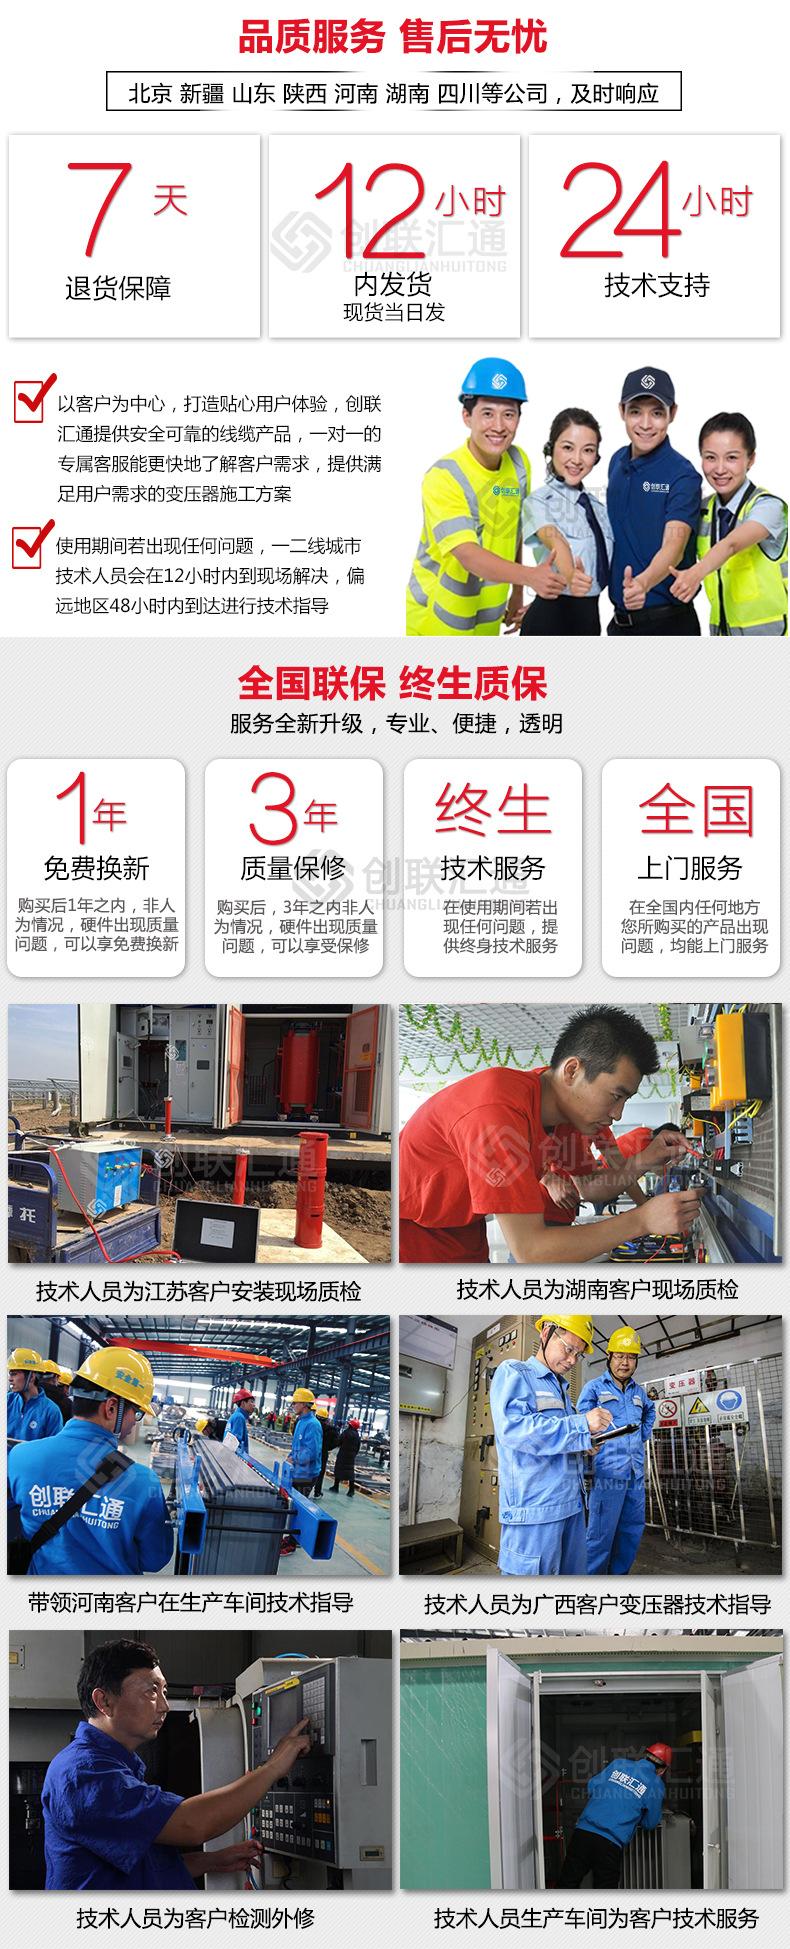 定制型箱式变压器 户外成套箱式变压器厂家 专业生产各类型号箱式变压器-亚博集团官网示例图10